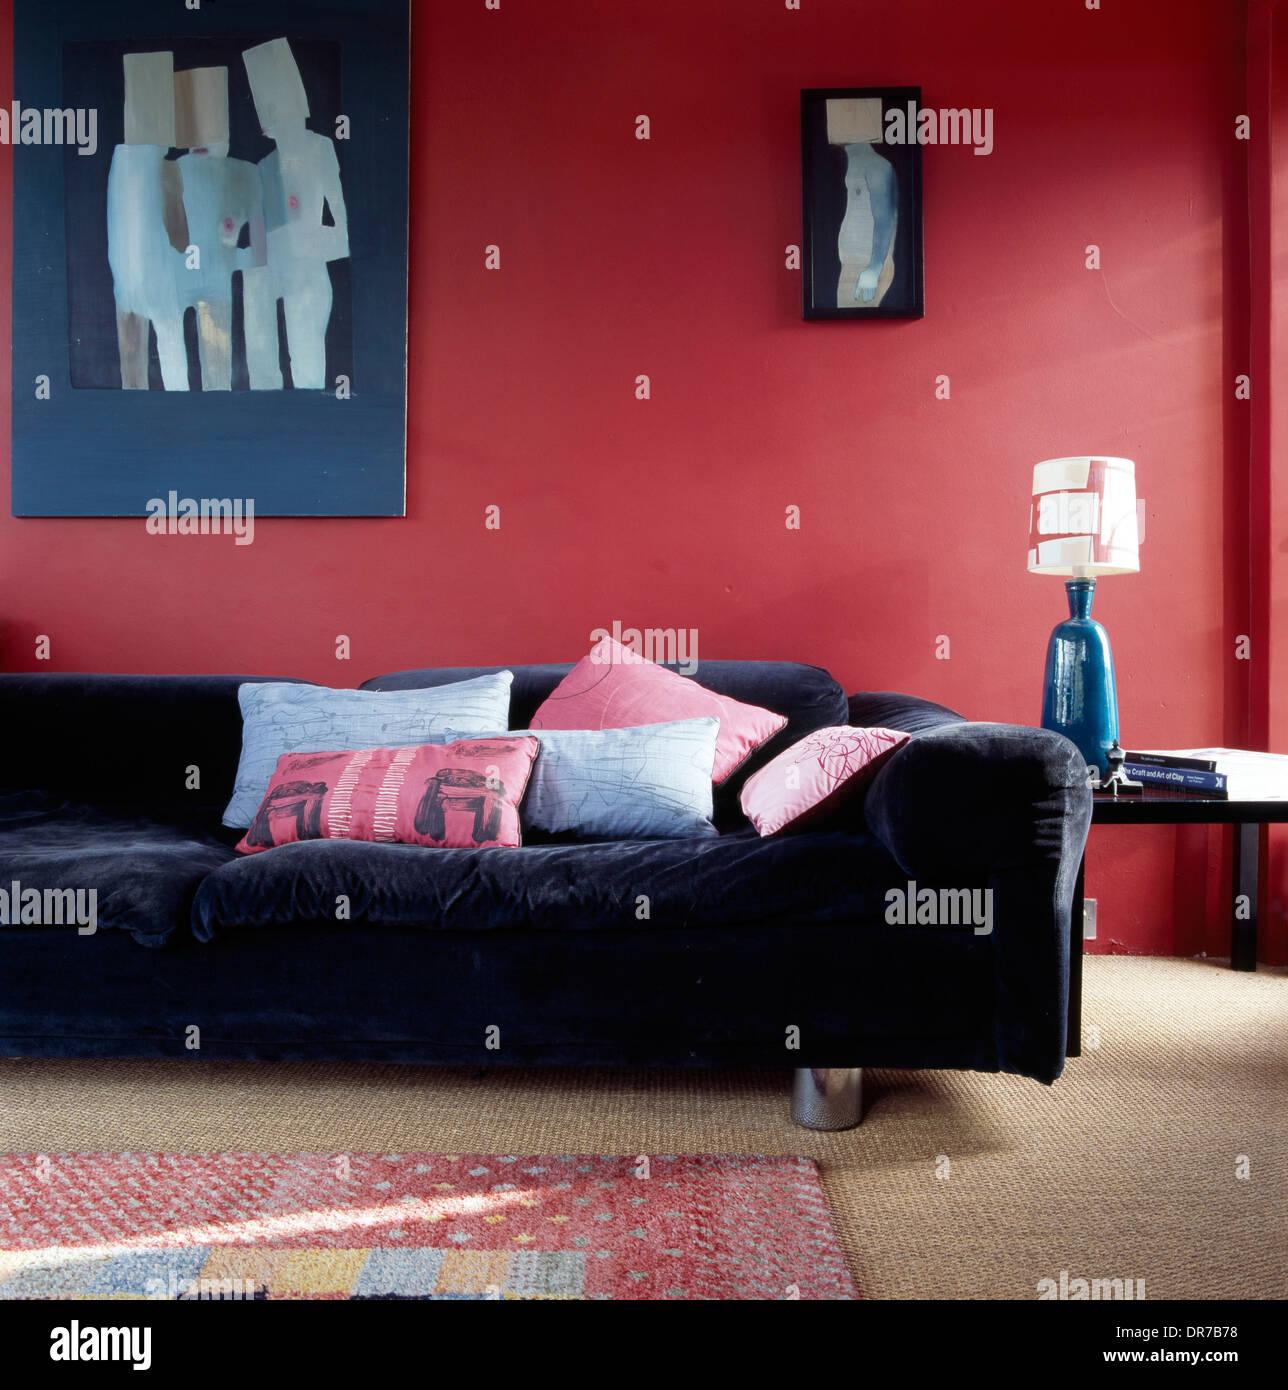 Blau Art und blauem Samt Sofa gegen Pflaume rote Wand im ...